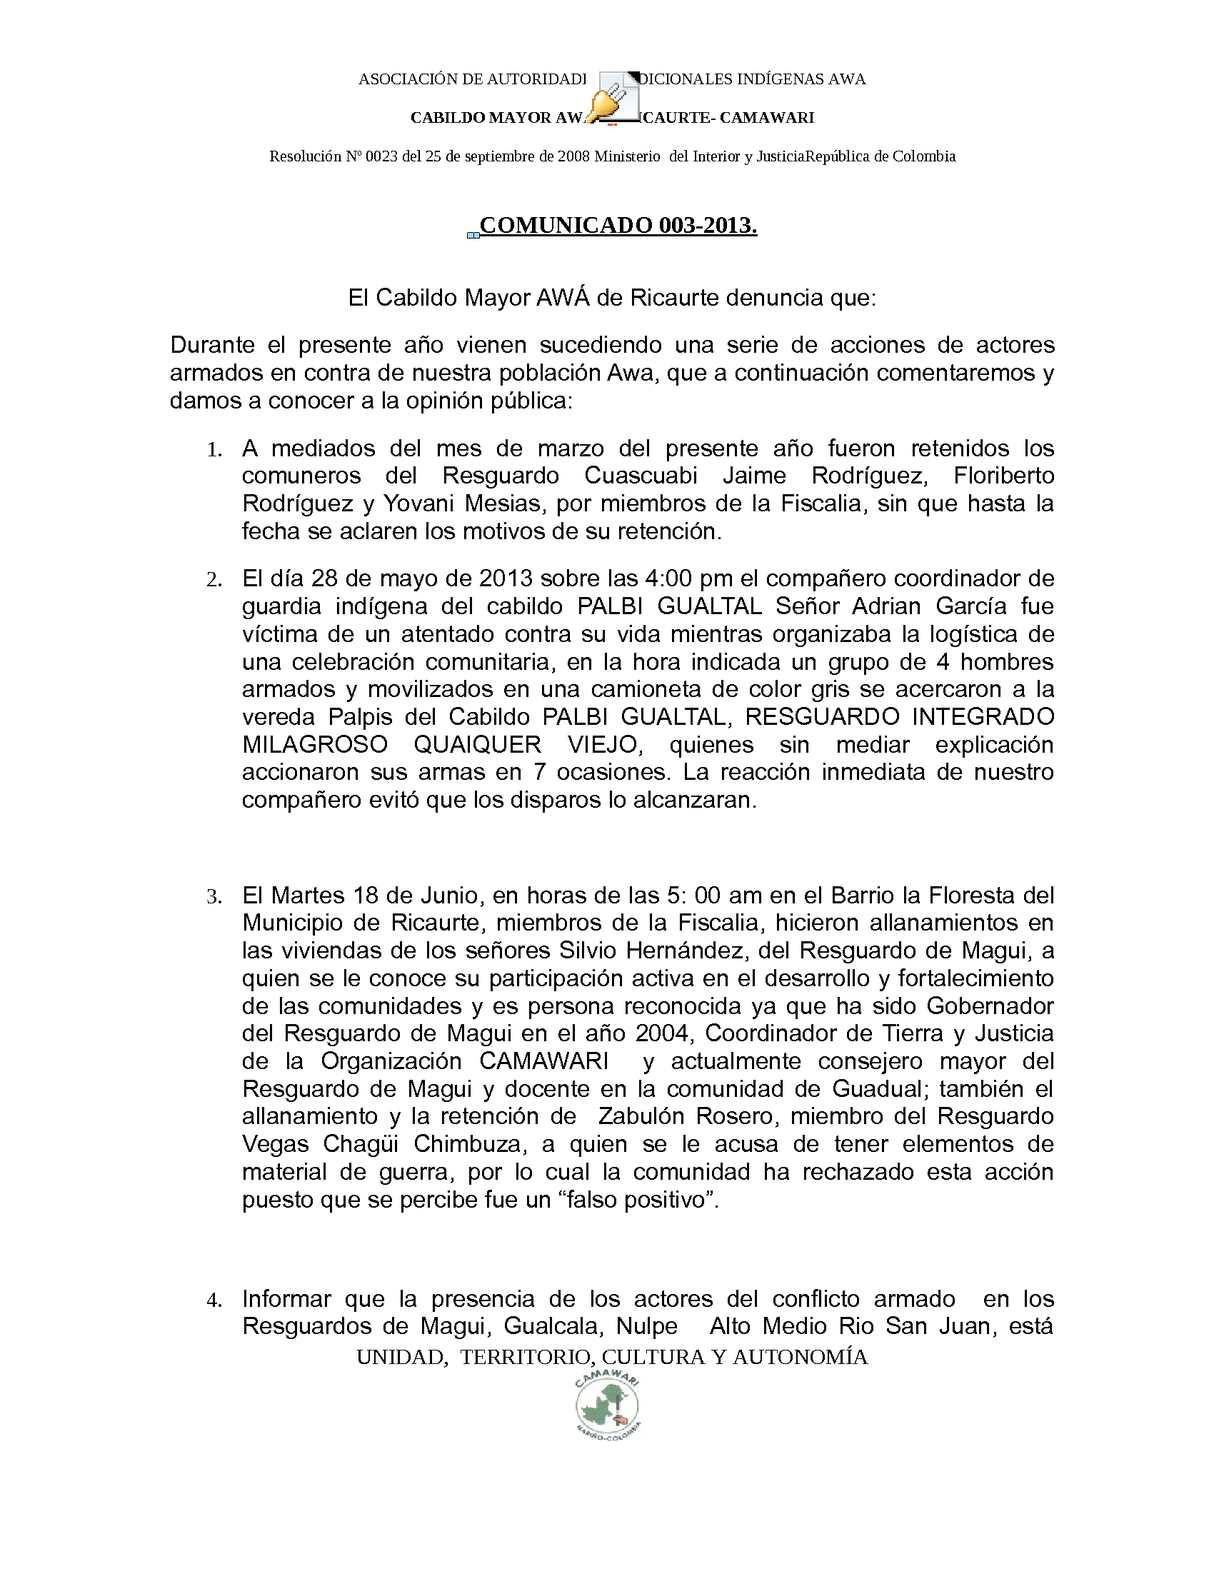 Calam o comunicado camawari 003 2013 for Comunicado ministerio del interior